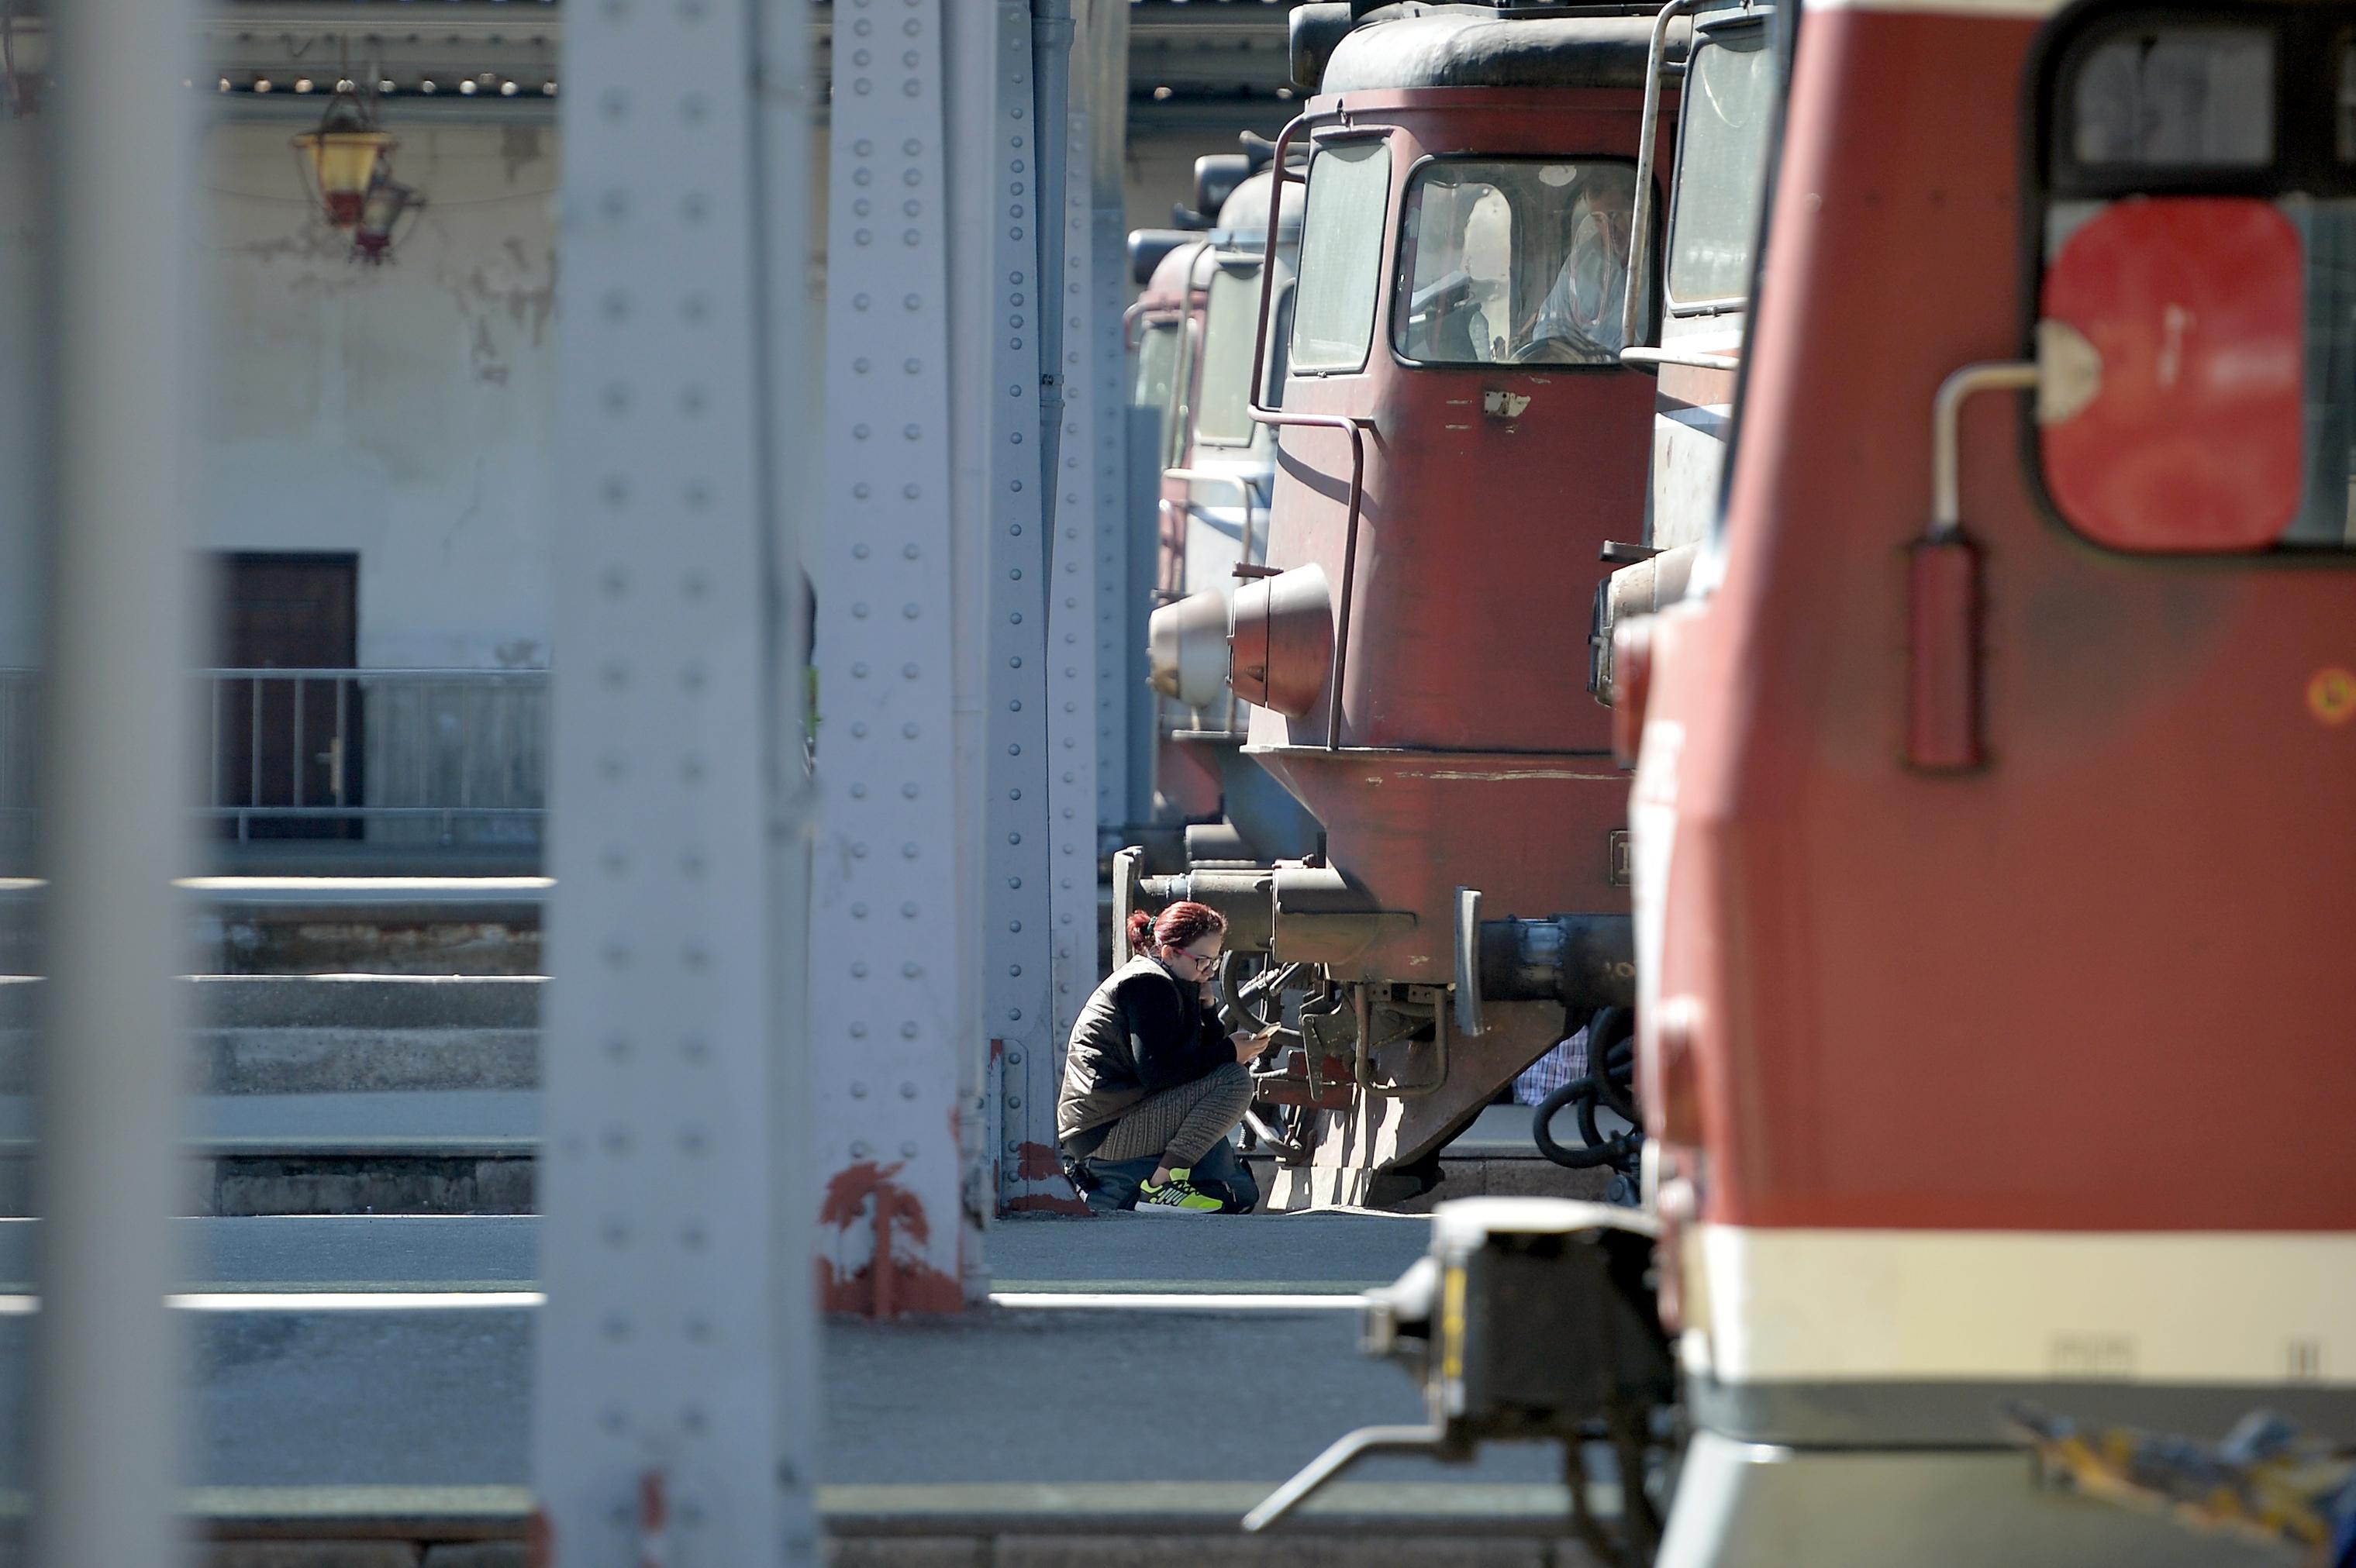 GREVĂ spontană la Uzina de Vagoane Aiud: Angajaţii sunt nemulţumiţi că nu şi-au primit salariile/ Sindicalist: Problemele sunt `destul de urâte`